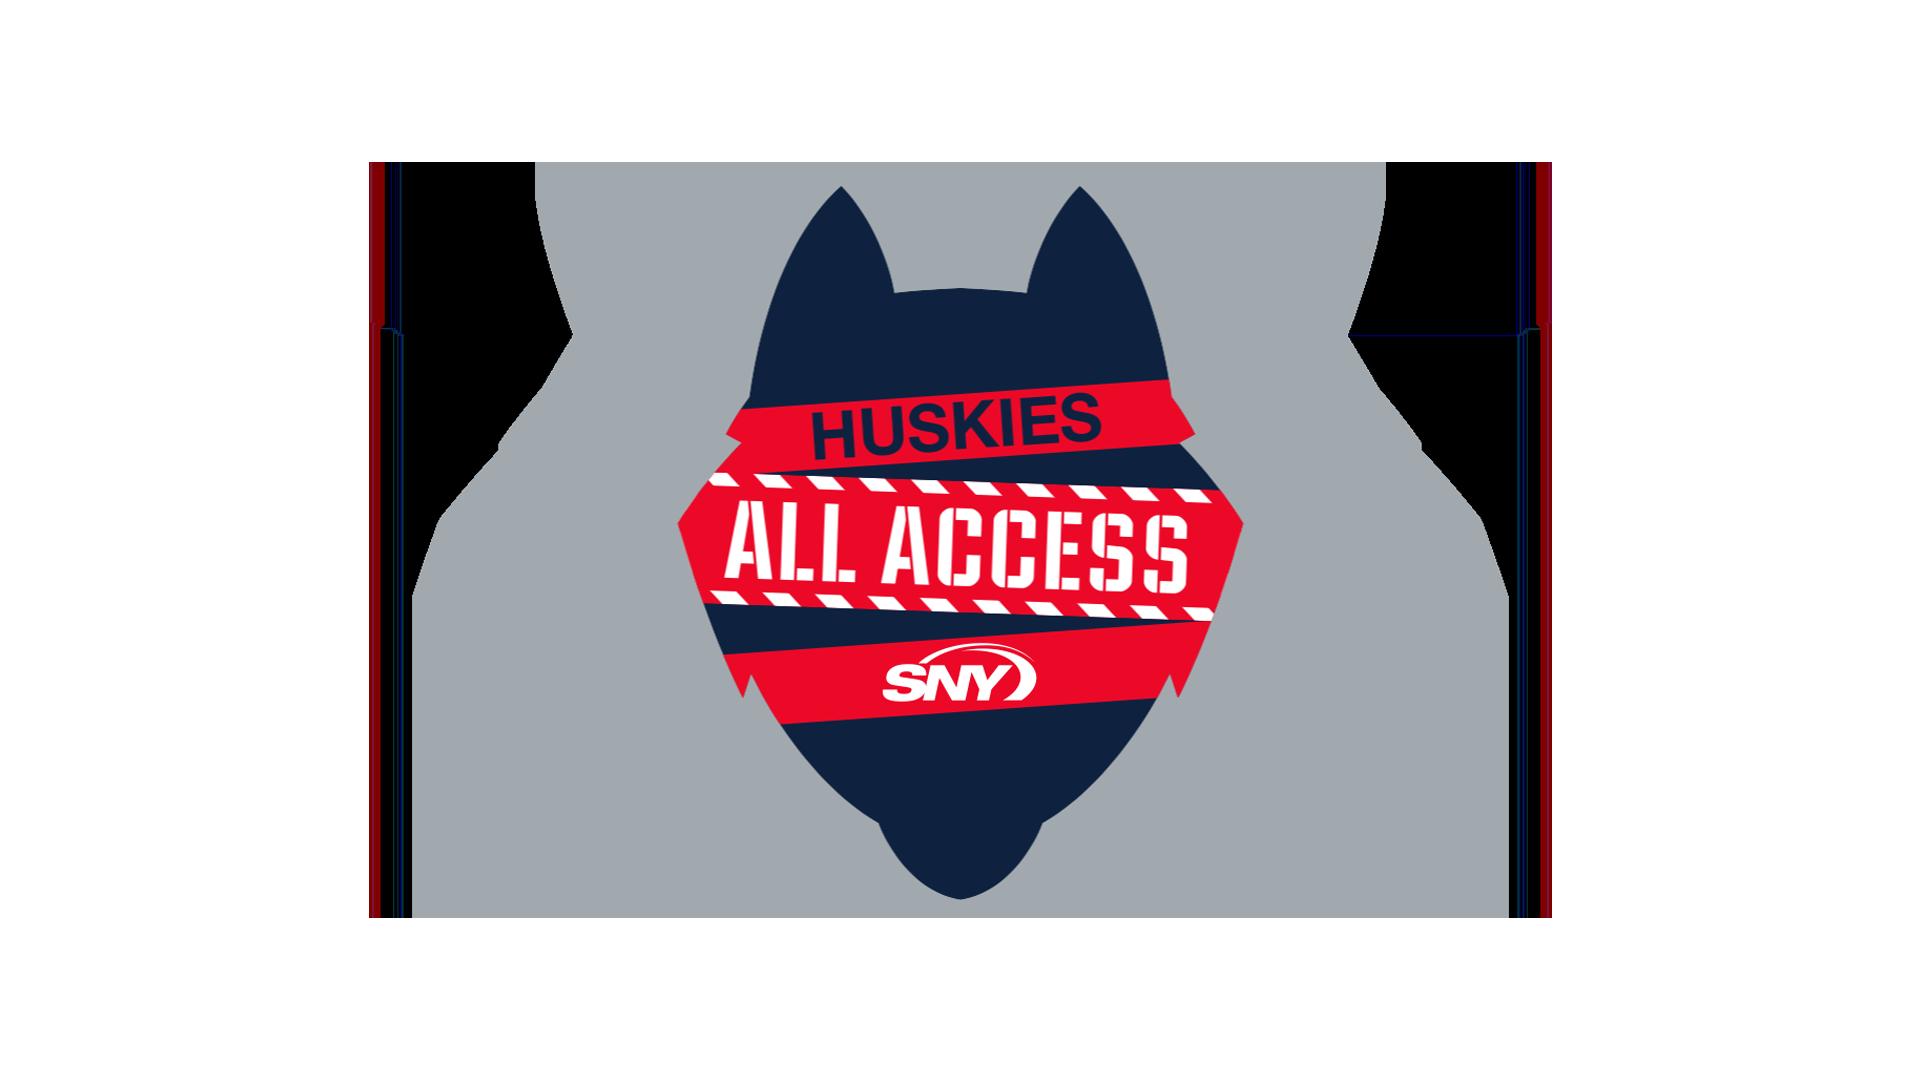 Huskies All Access